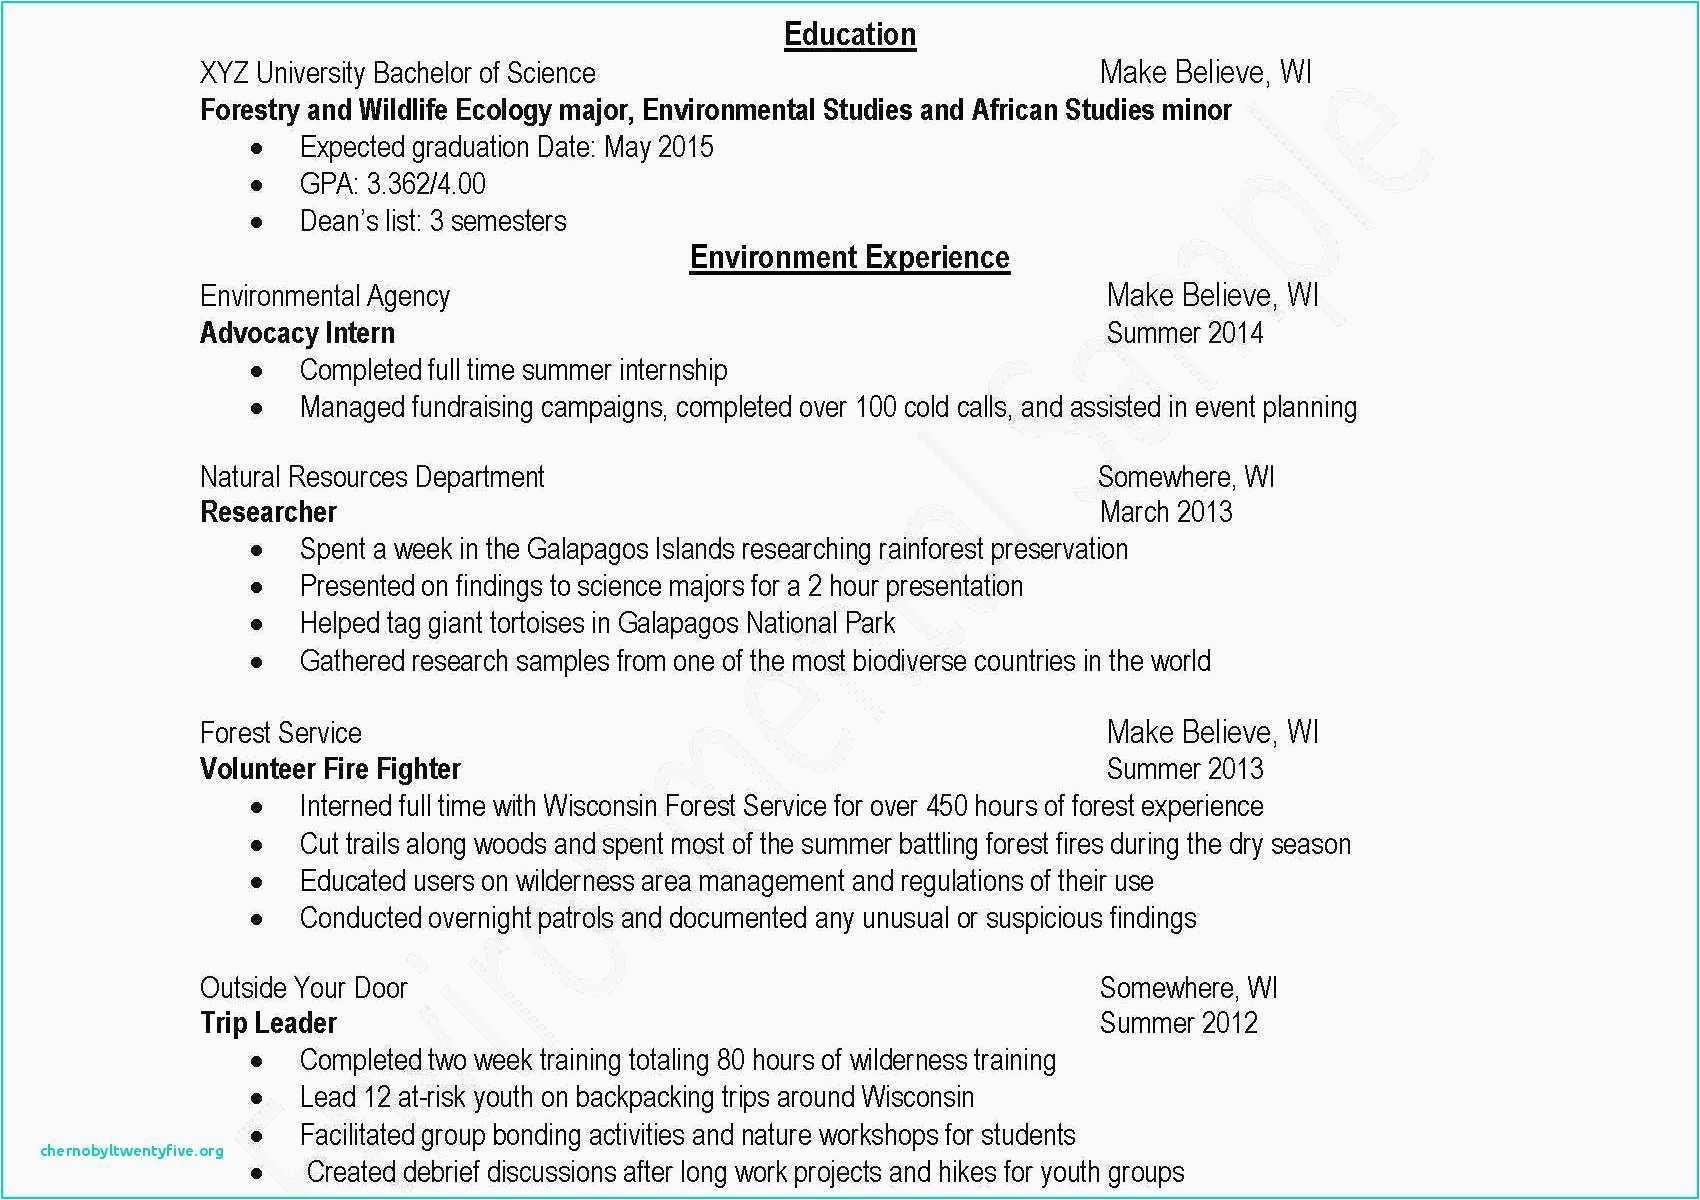 Undergraduate Student Curriculum Vitae Sample Philippines Elegant